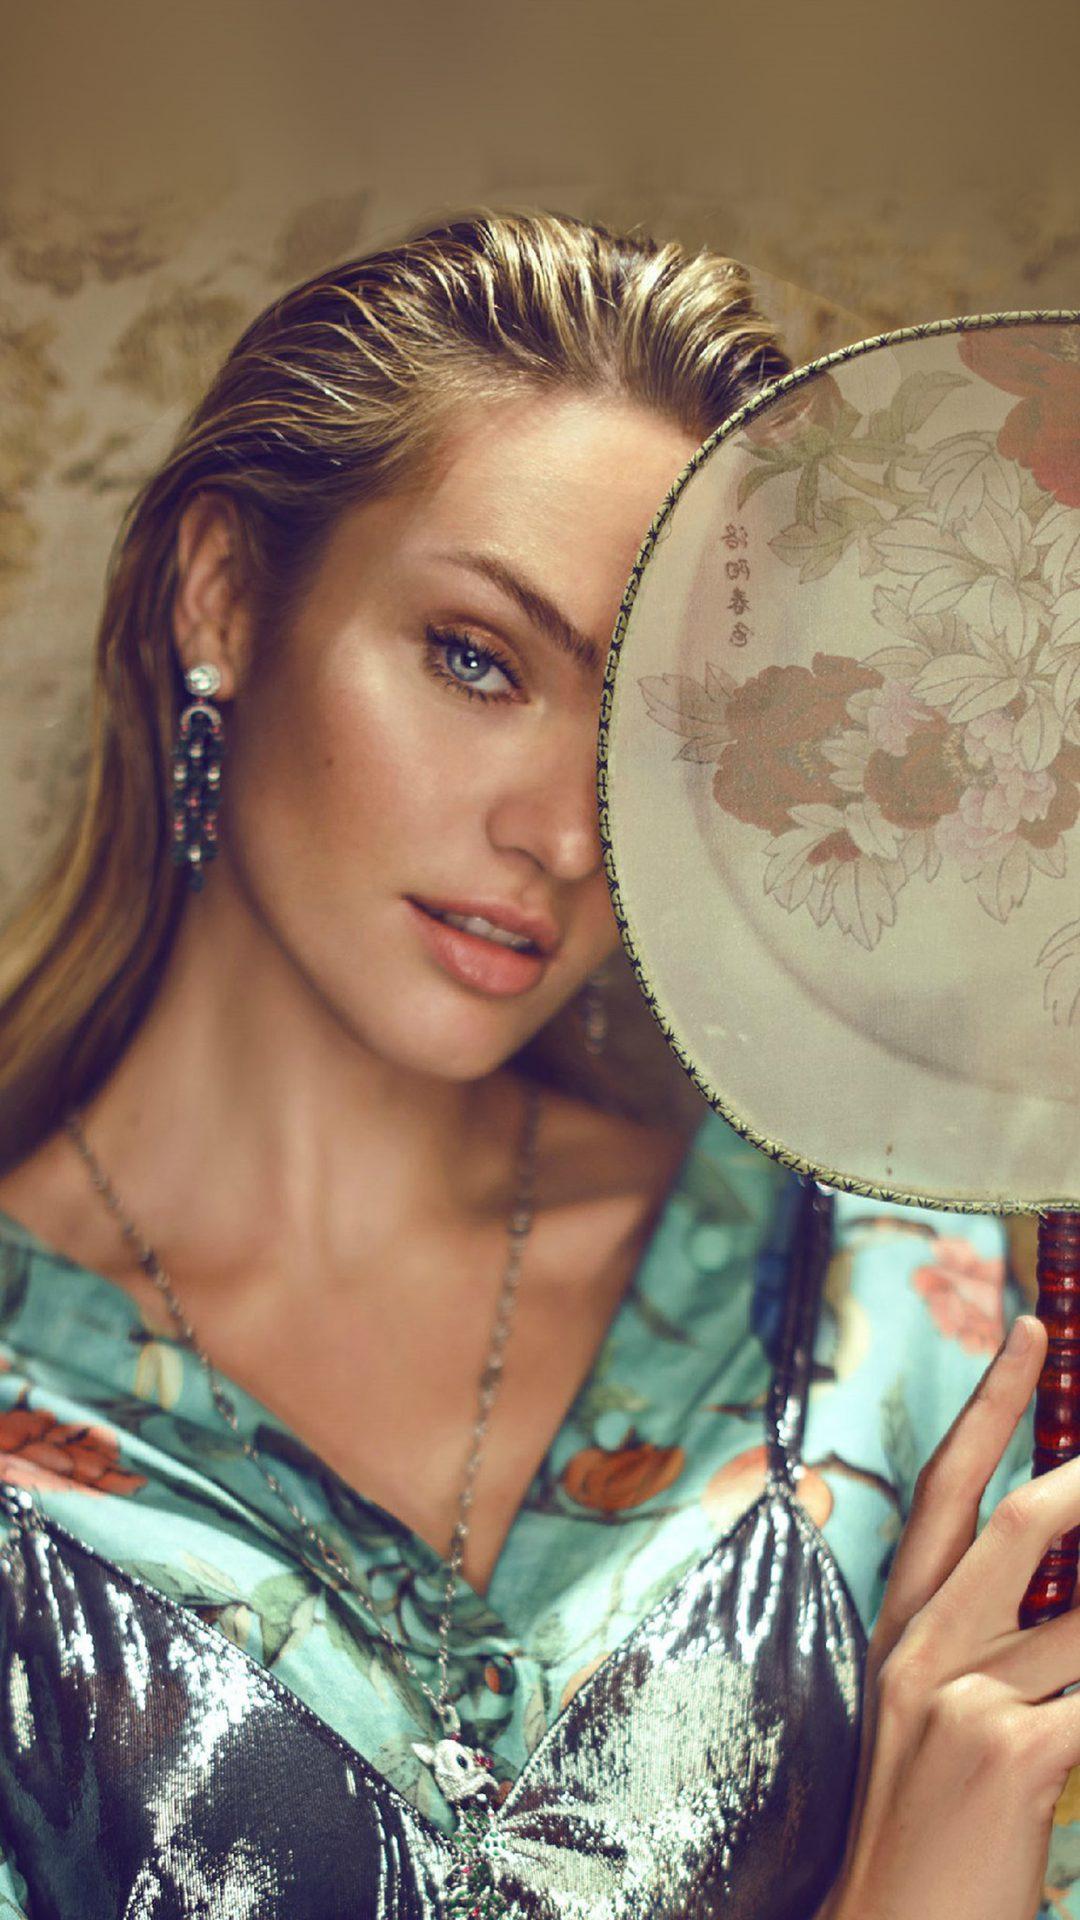 Candice Swanepoel Photoshoot Victoria Secret Girl